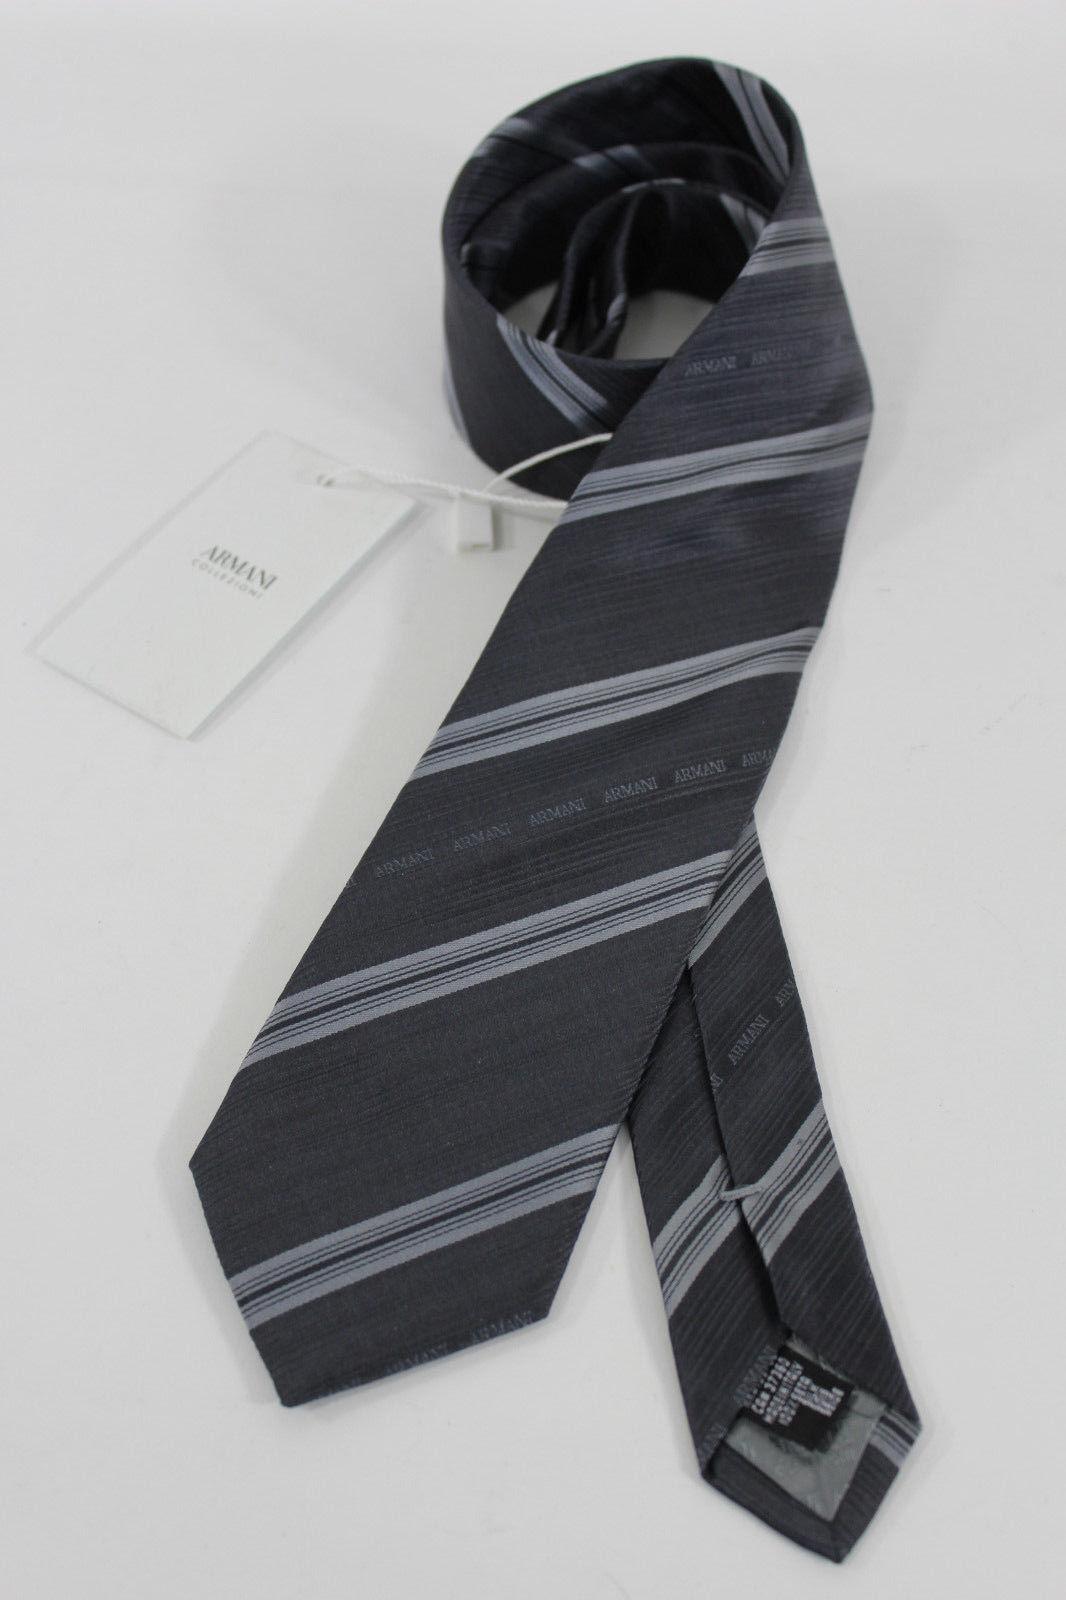 Authentic Armani Collezioni Men Silk Suit Neck Tie Dark Gray Striped Italy Made